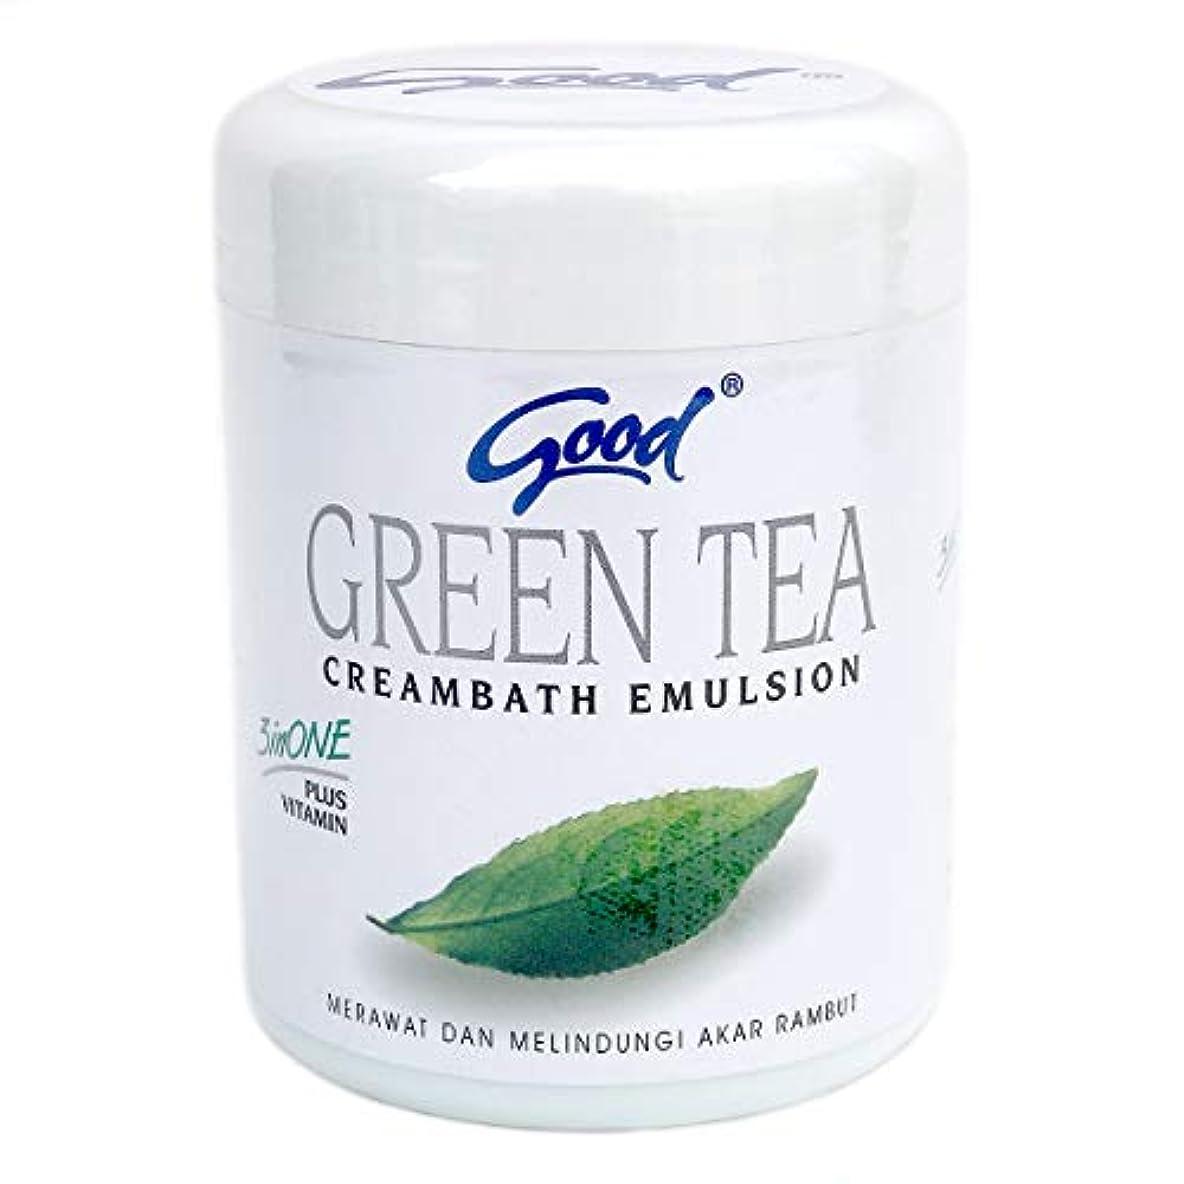 記憶給料モットーgood グッド インドネシアバリ島の伝統的なヘッドスパクリーム Creambath Emulsion クリームバス エマルション 250g GreenTea グリーンティー [海外直送品]